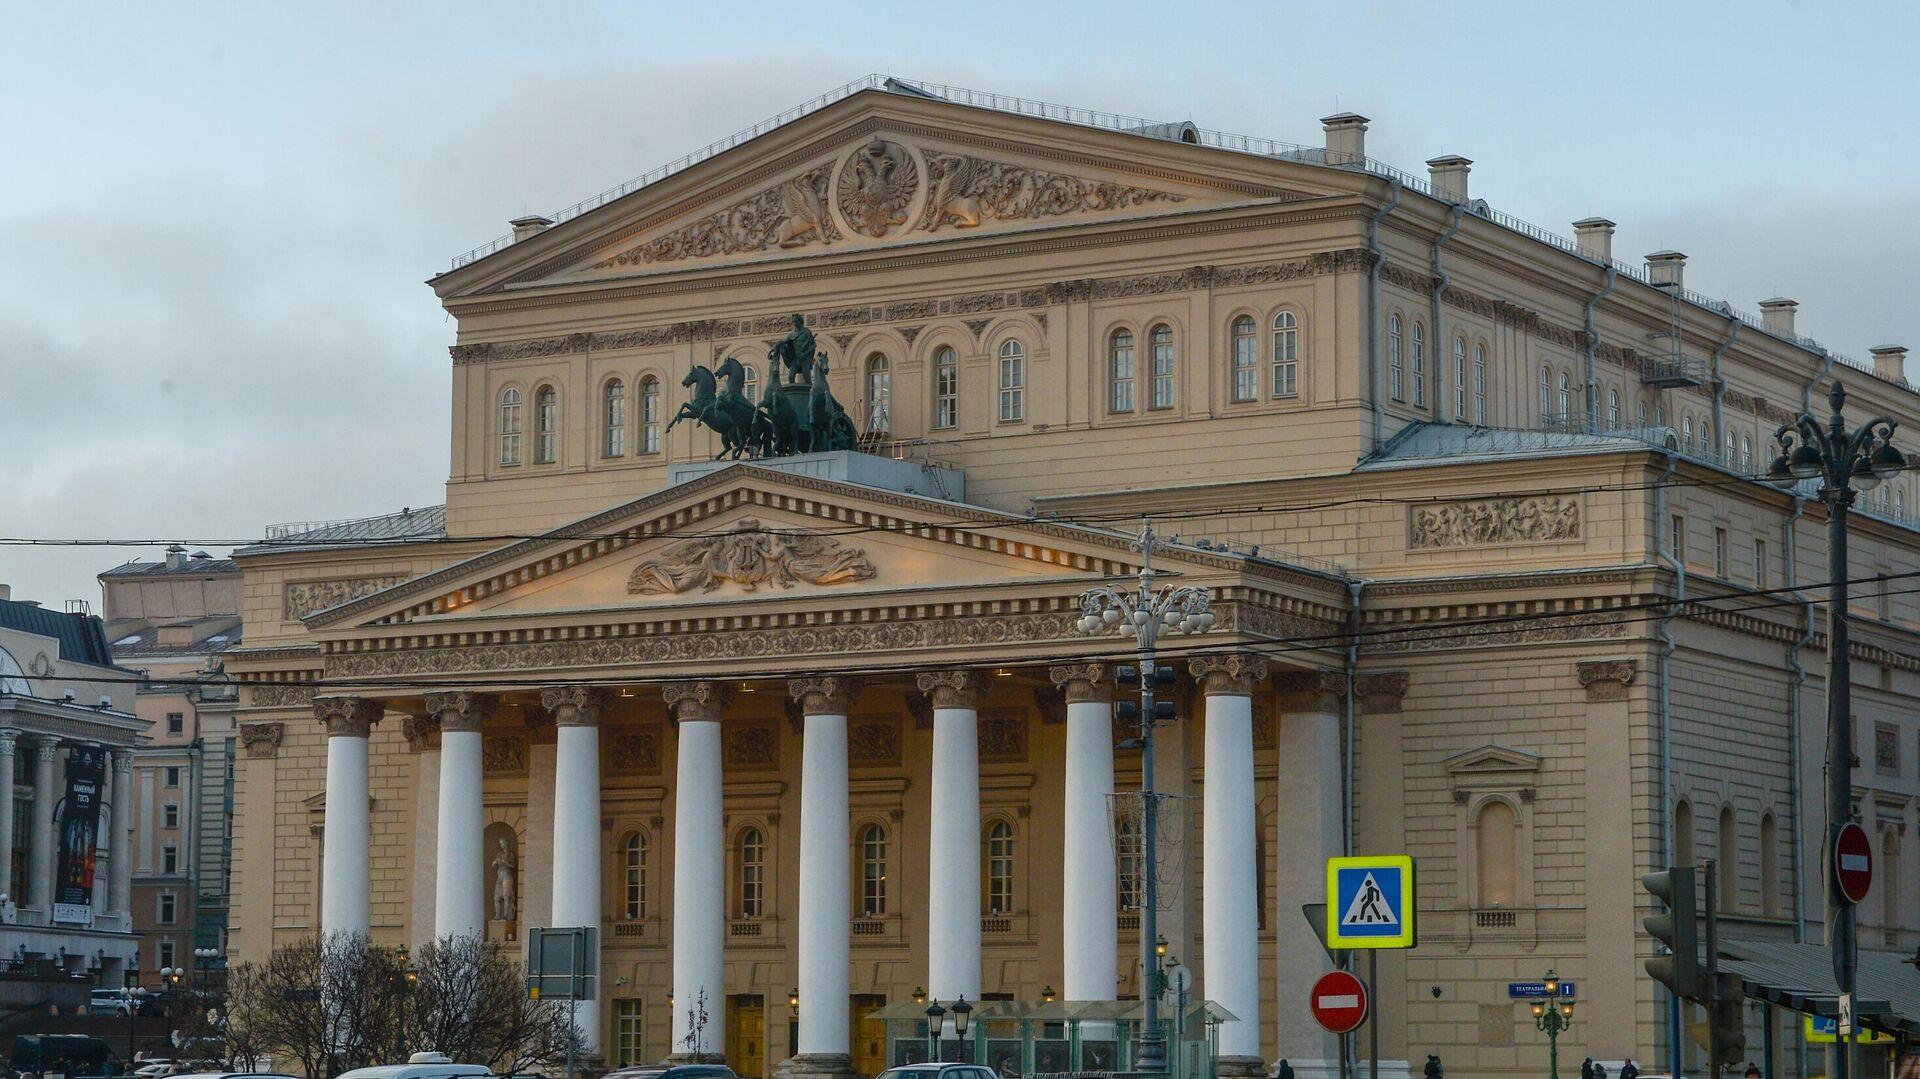 Вид на здание Государственного Академического Большого театра в Москве - РИА Новости, 1920, 22.10.2020